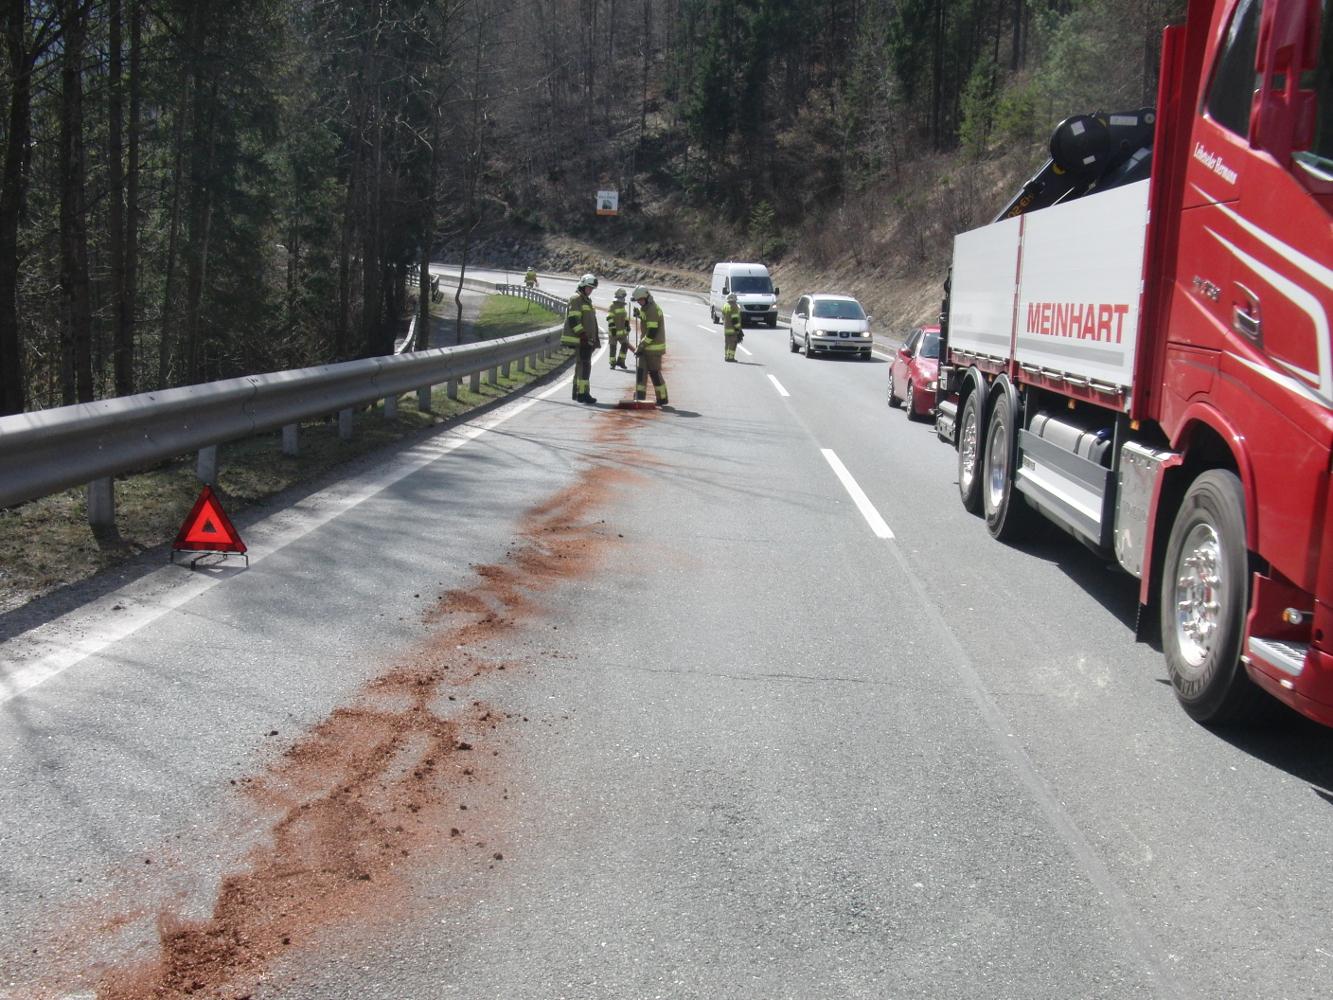 Öleinsatz Lofer Ortsausfahrt, 24. März 2015